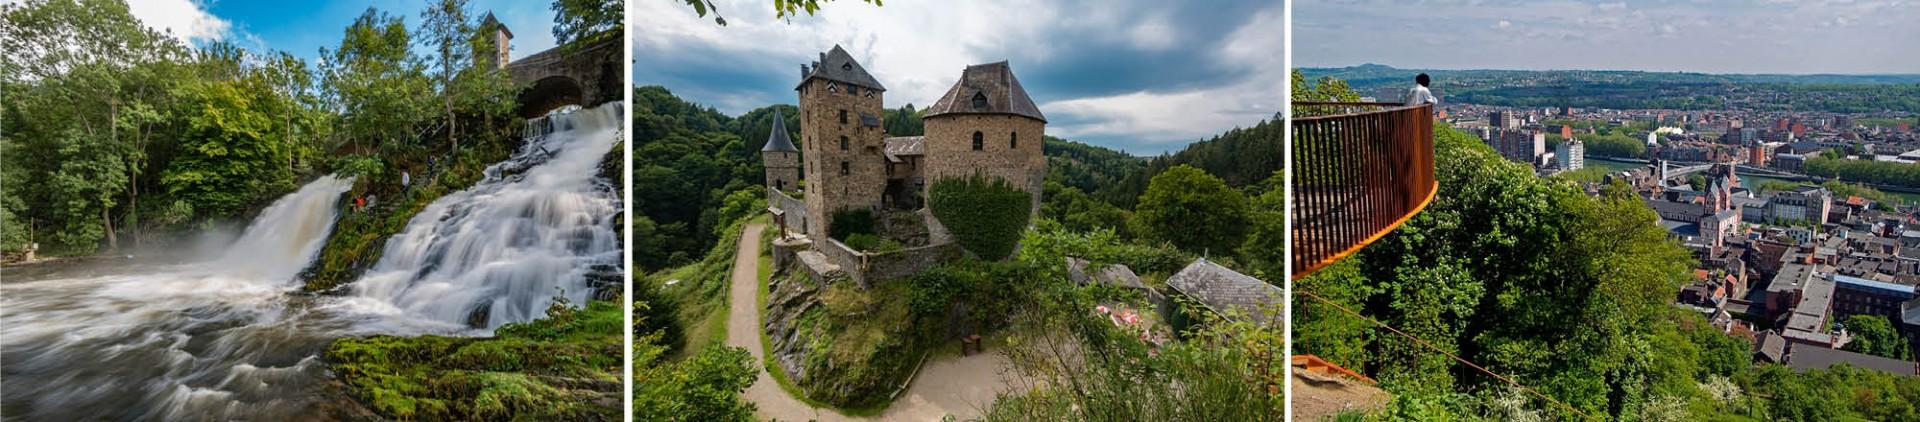 Besondere Naturstätten, Denkmäler und Aussichtspunkte in der Provinz Lüttich